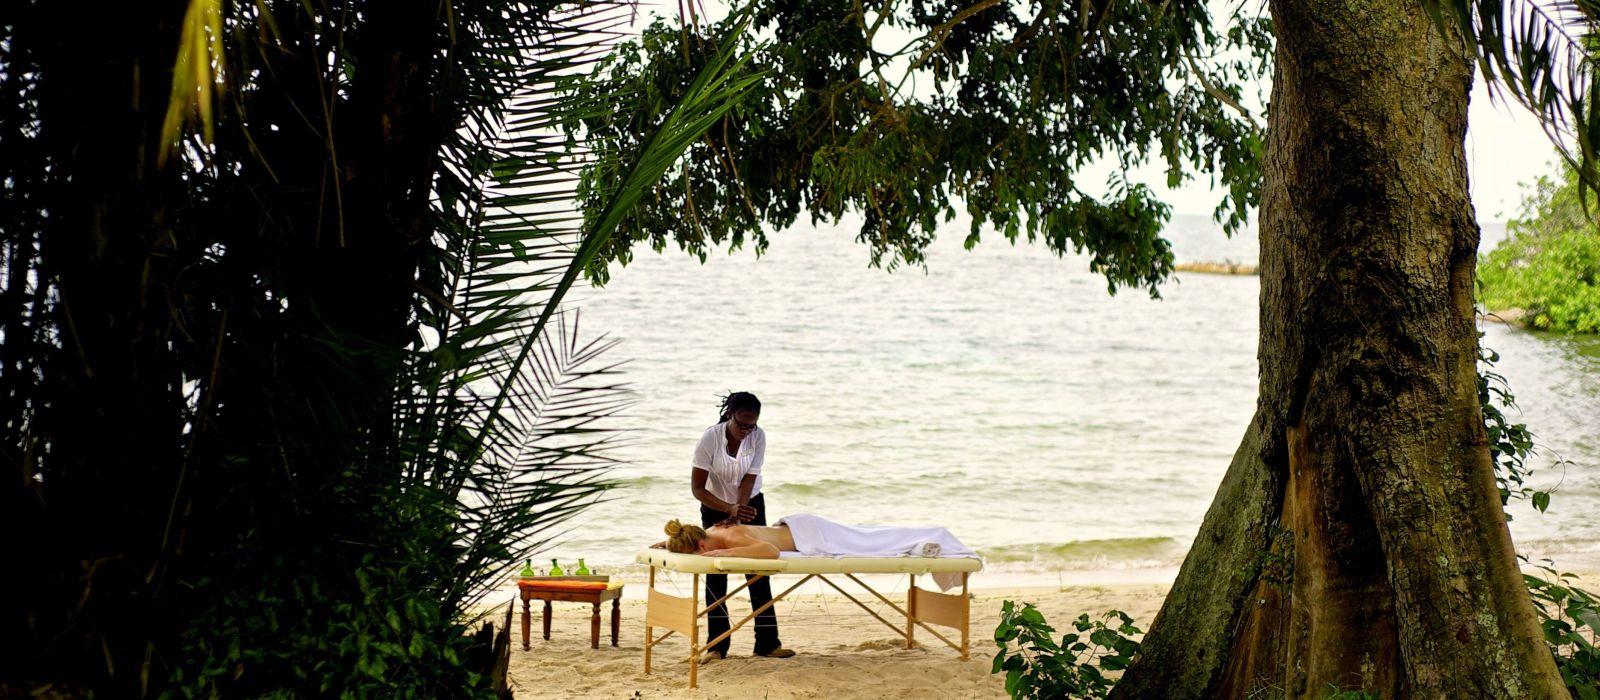 Luxus am See, Wildnis und wilde Tiere in Tansania Urlaub 6